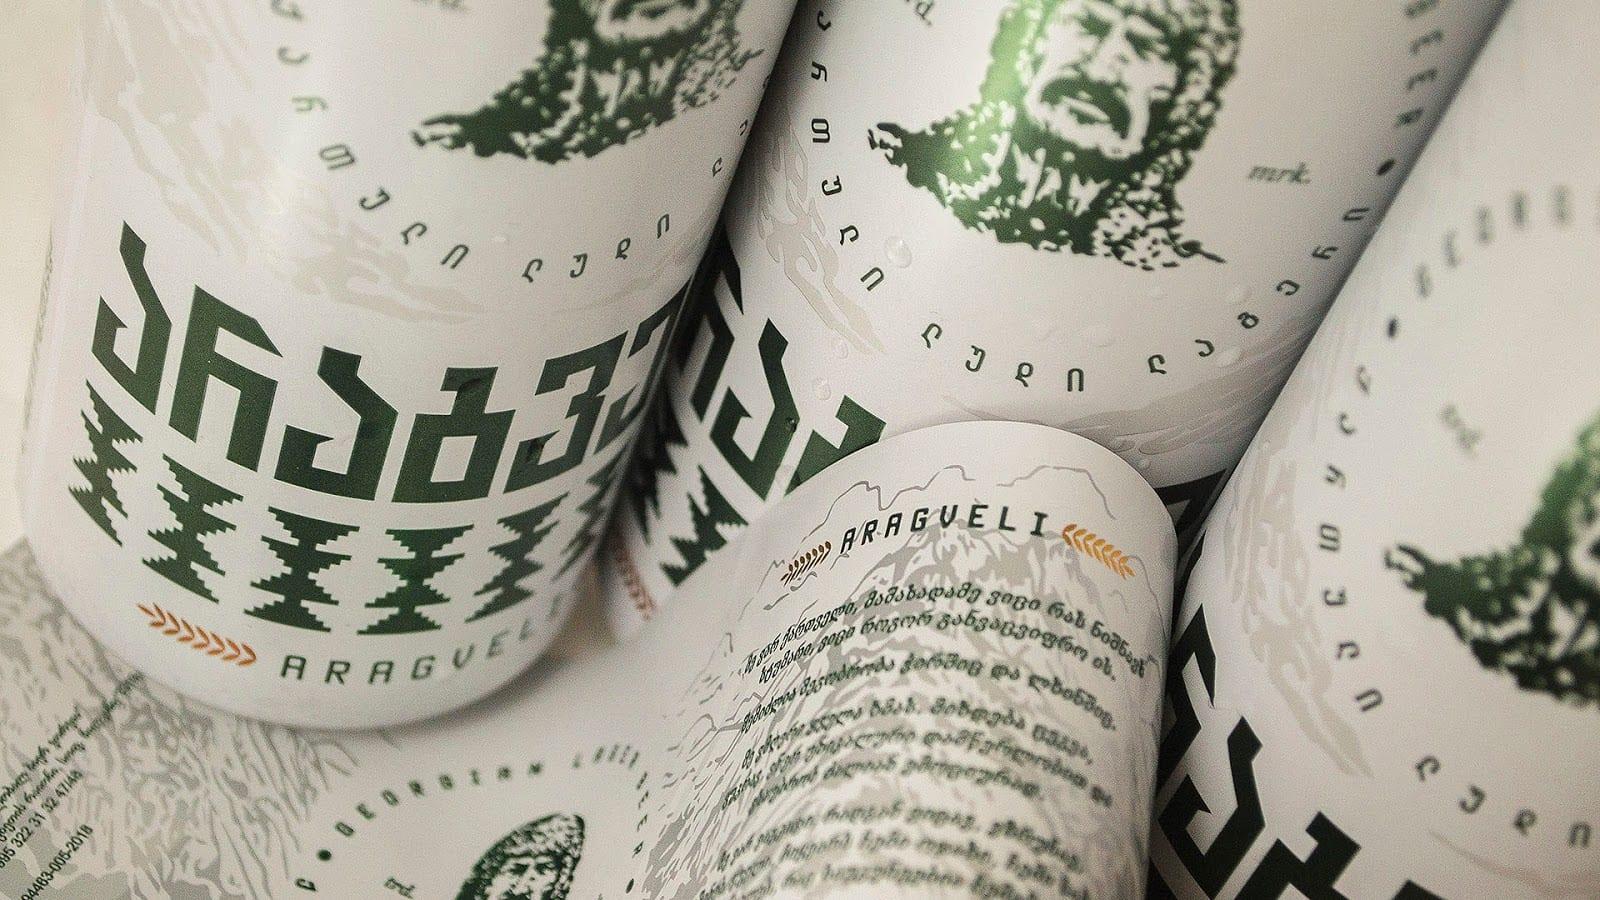 15 Real Package - Odvážná podoba piva Aragveli